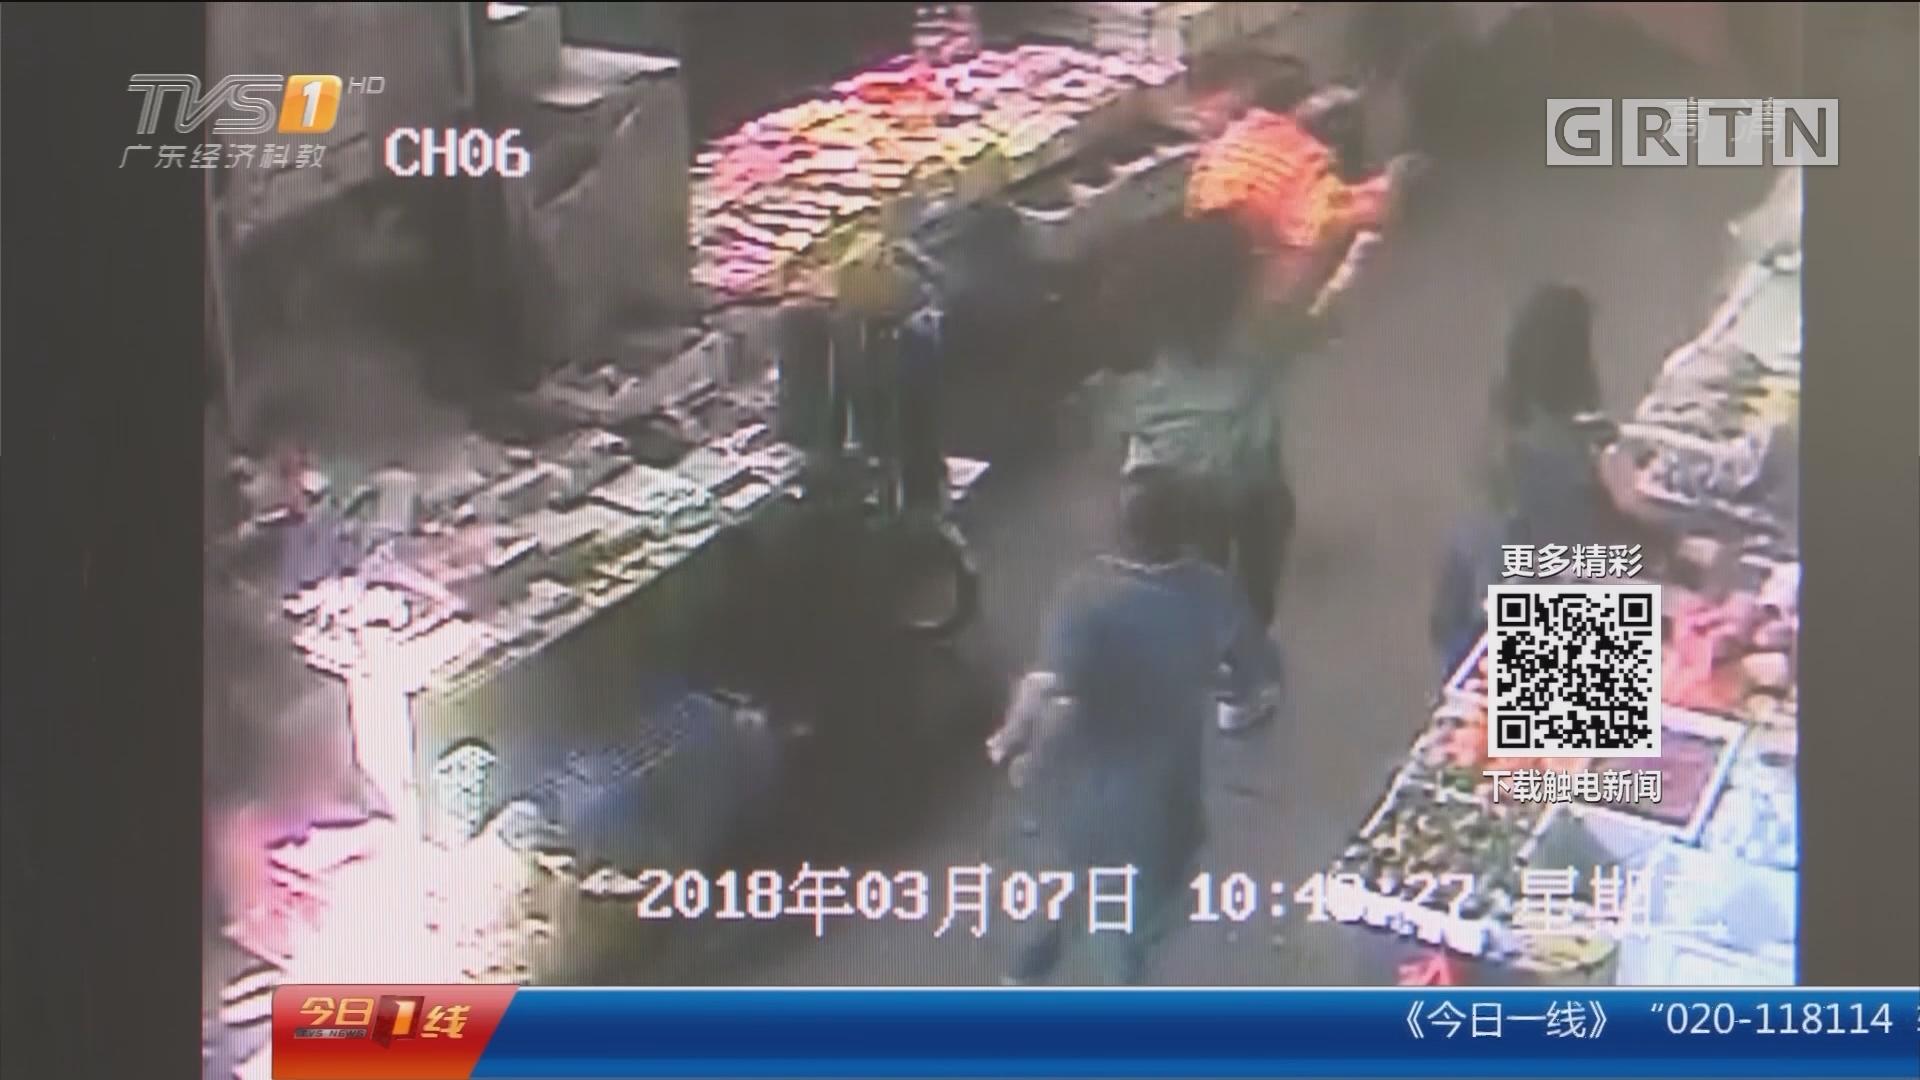 深圳:男子菜场行窃 众人合力擒贼